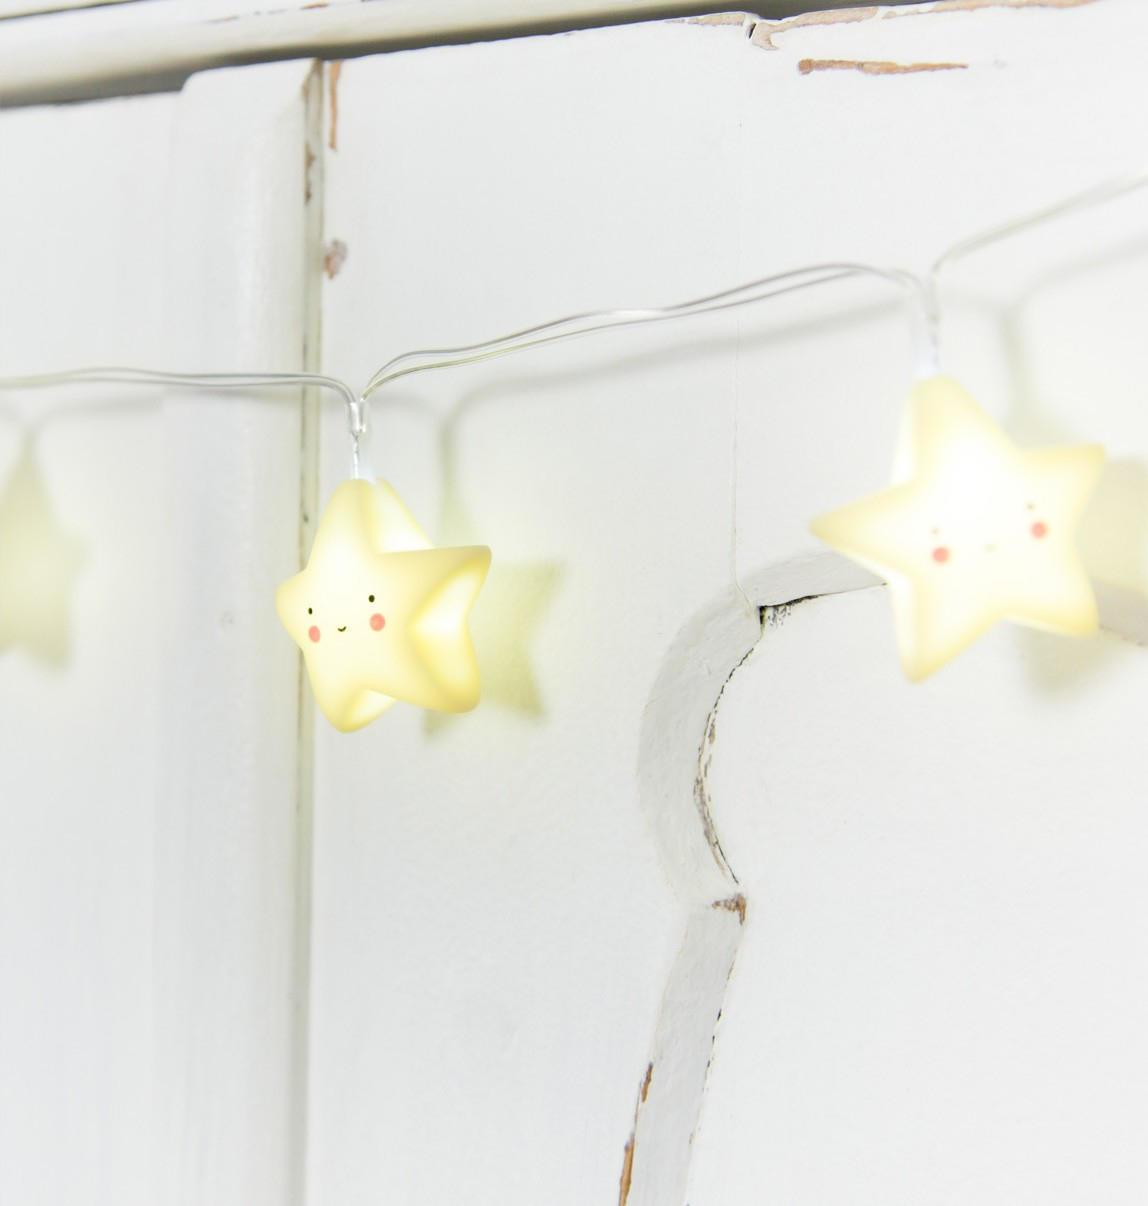 A Little Lovely Company Dětský světelný řetěz Stars Yellow, žlutá barva, plast